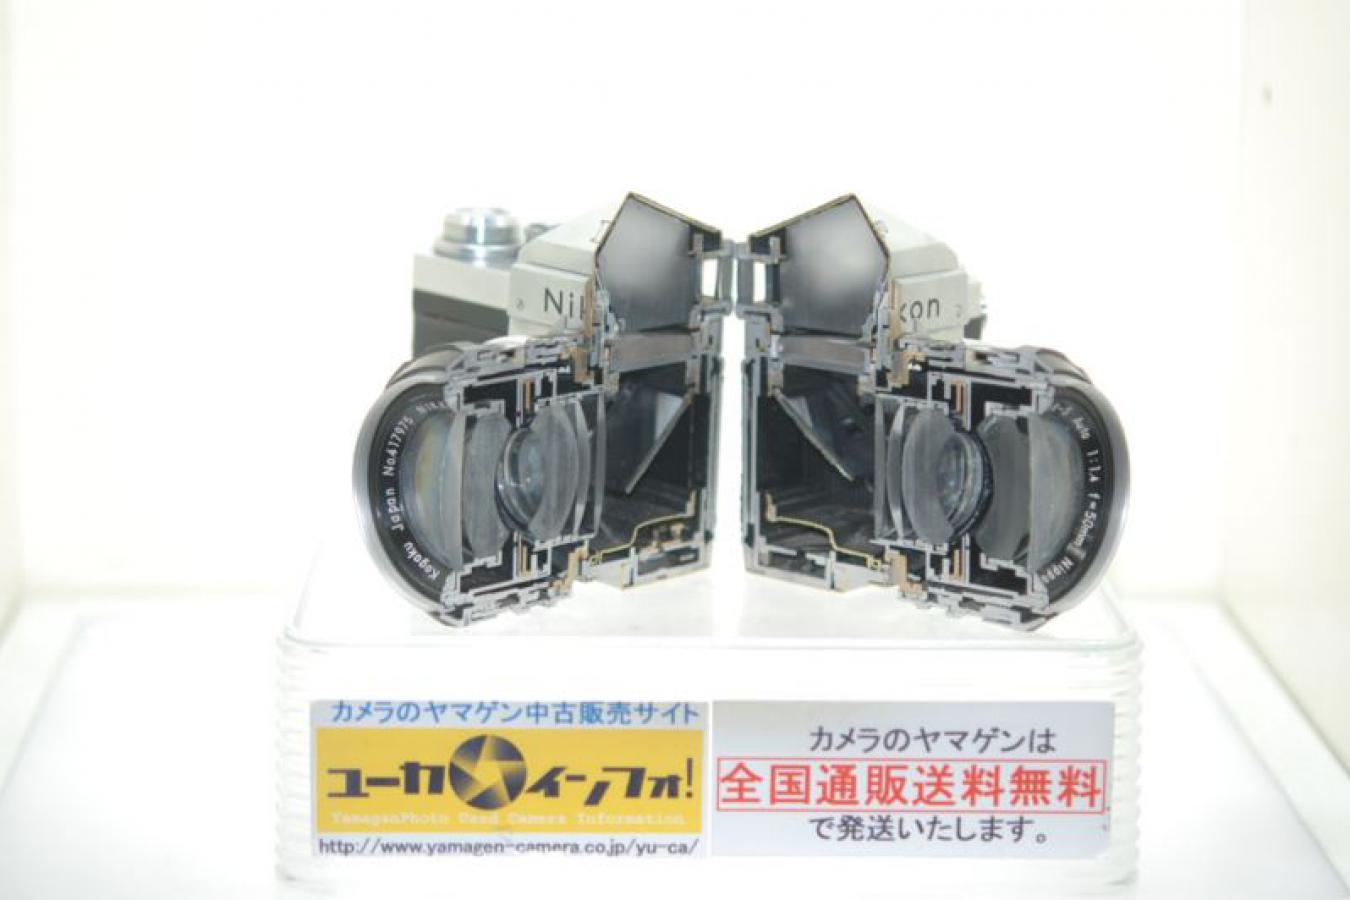 【コレクション向け 珍品】 ニコン Fアイレベルシルバー 644万台 日本光学 NIKKOR-S Auto 50/1.4付 【カットモデル】